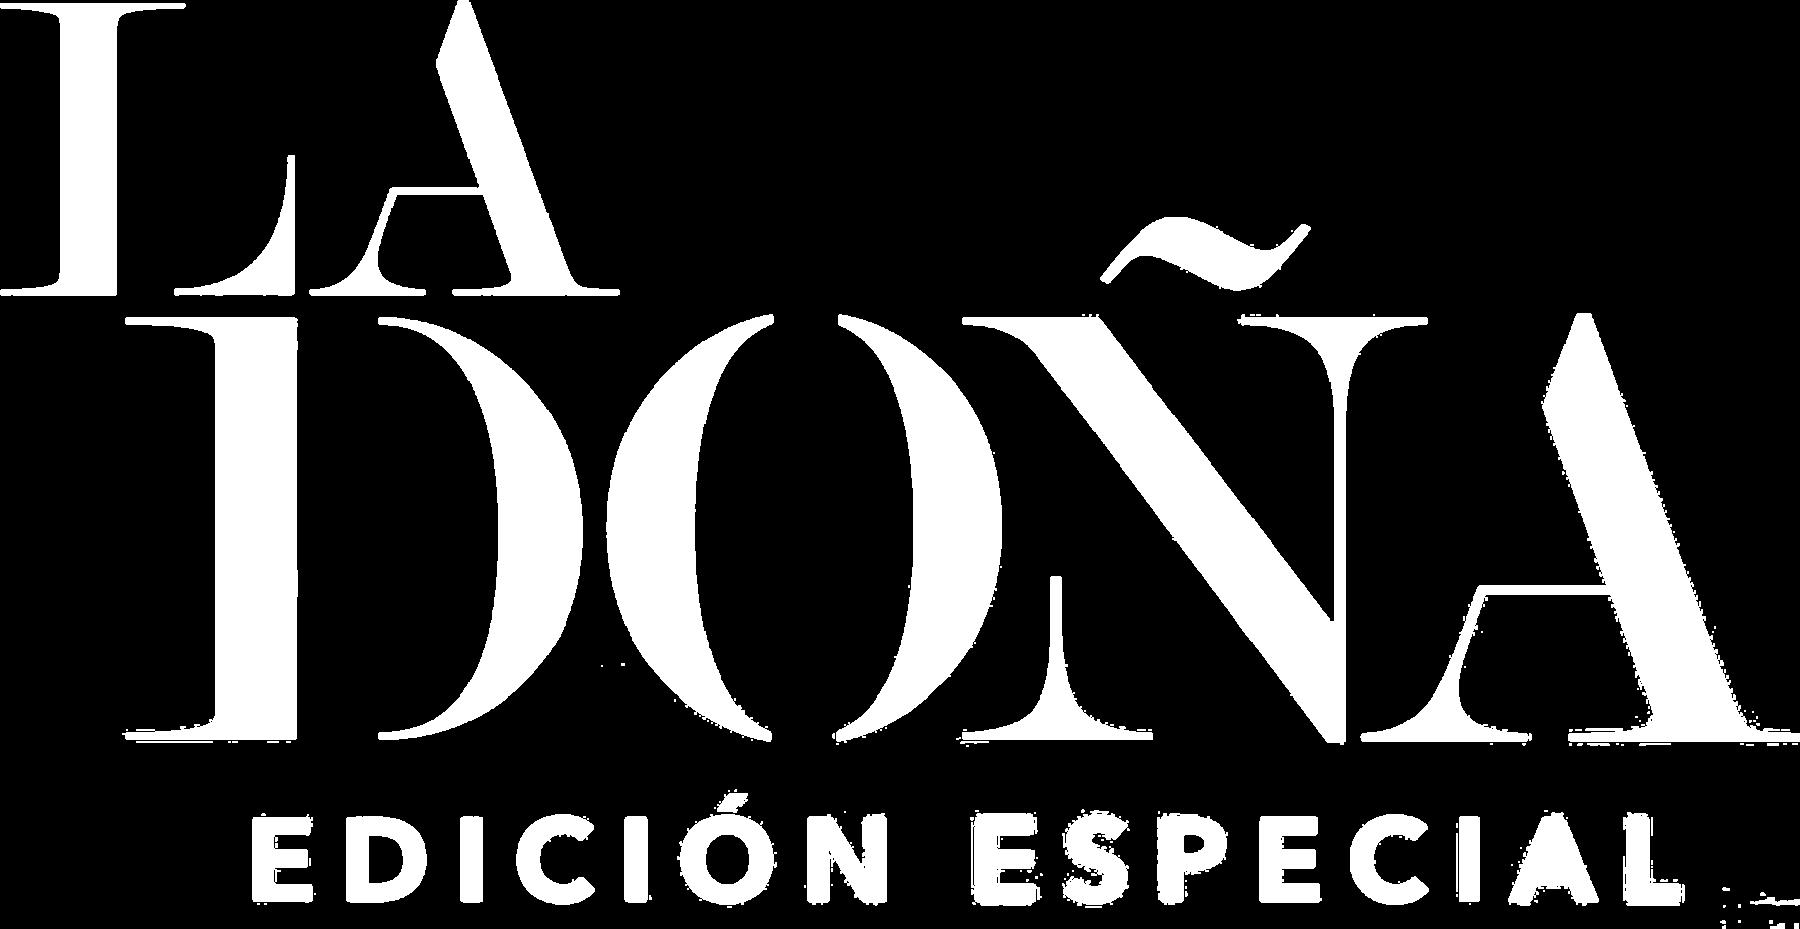 La Doña: Edición Especial